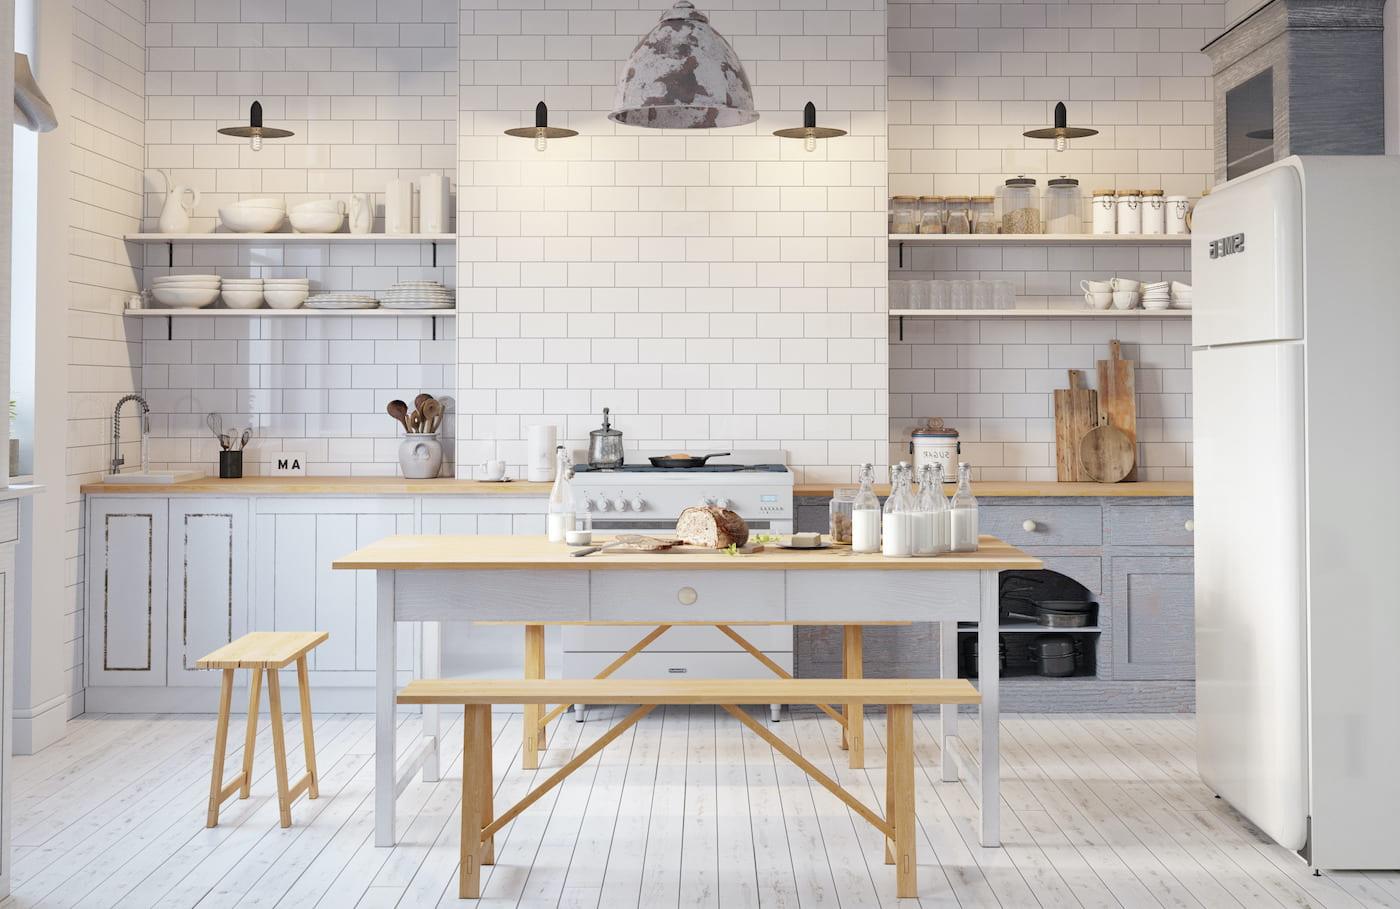 Обычно кухонный стол подбирается исходя из дизайна столешницы, смотрится стильно, современно и удобно